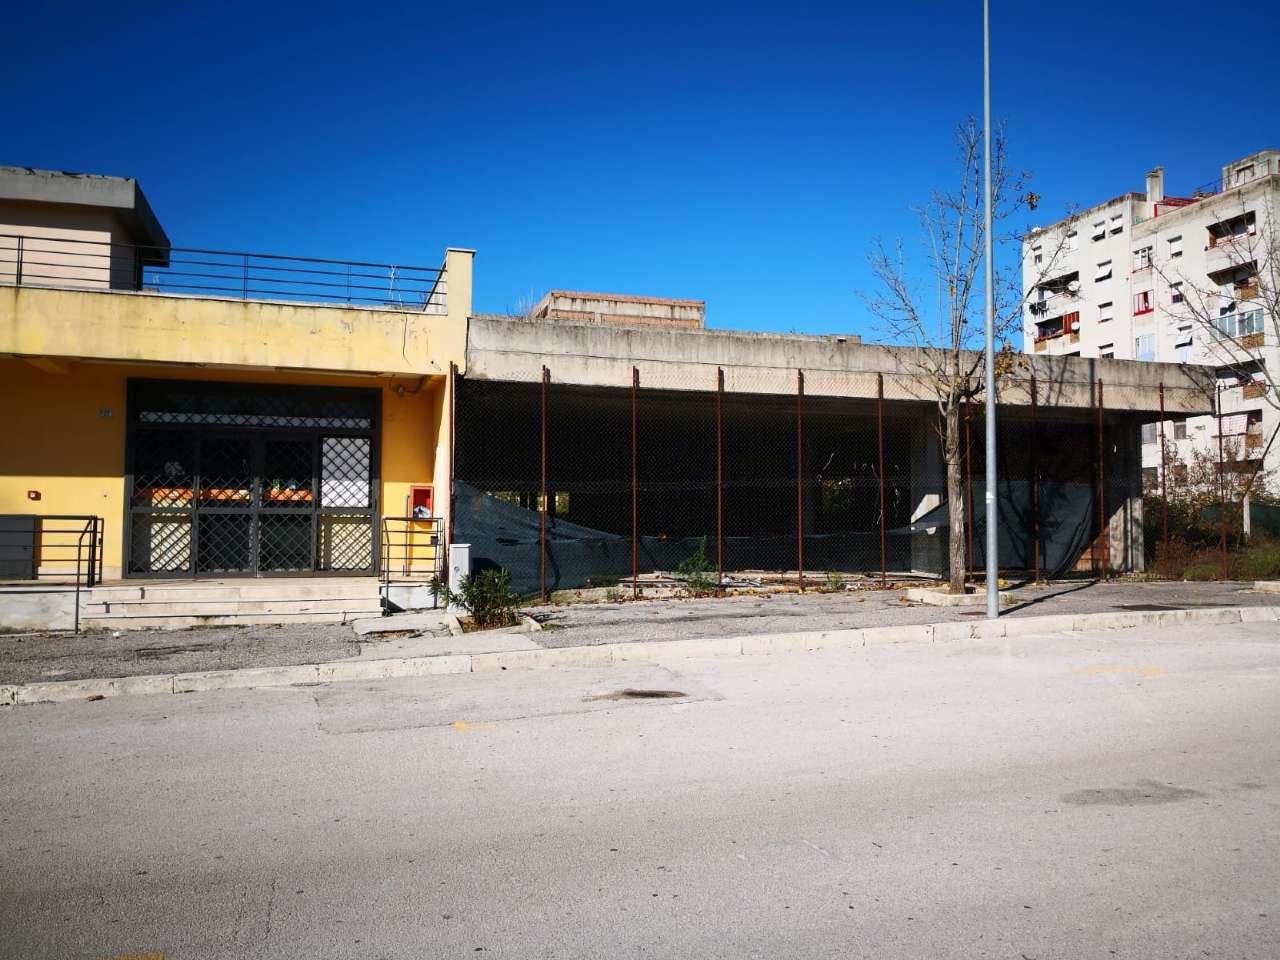 Negozio / Locale in vendita a Frosinone, 9999 locali, prezzo € 500.000 | CambioCasa.it